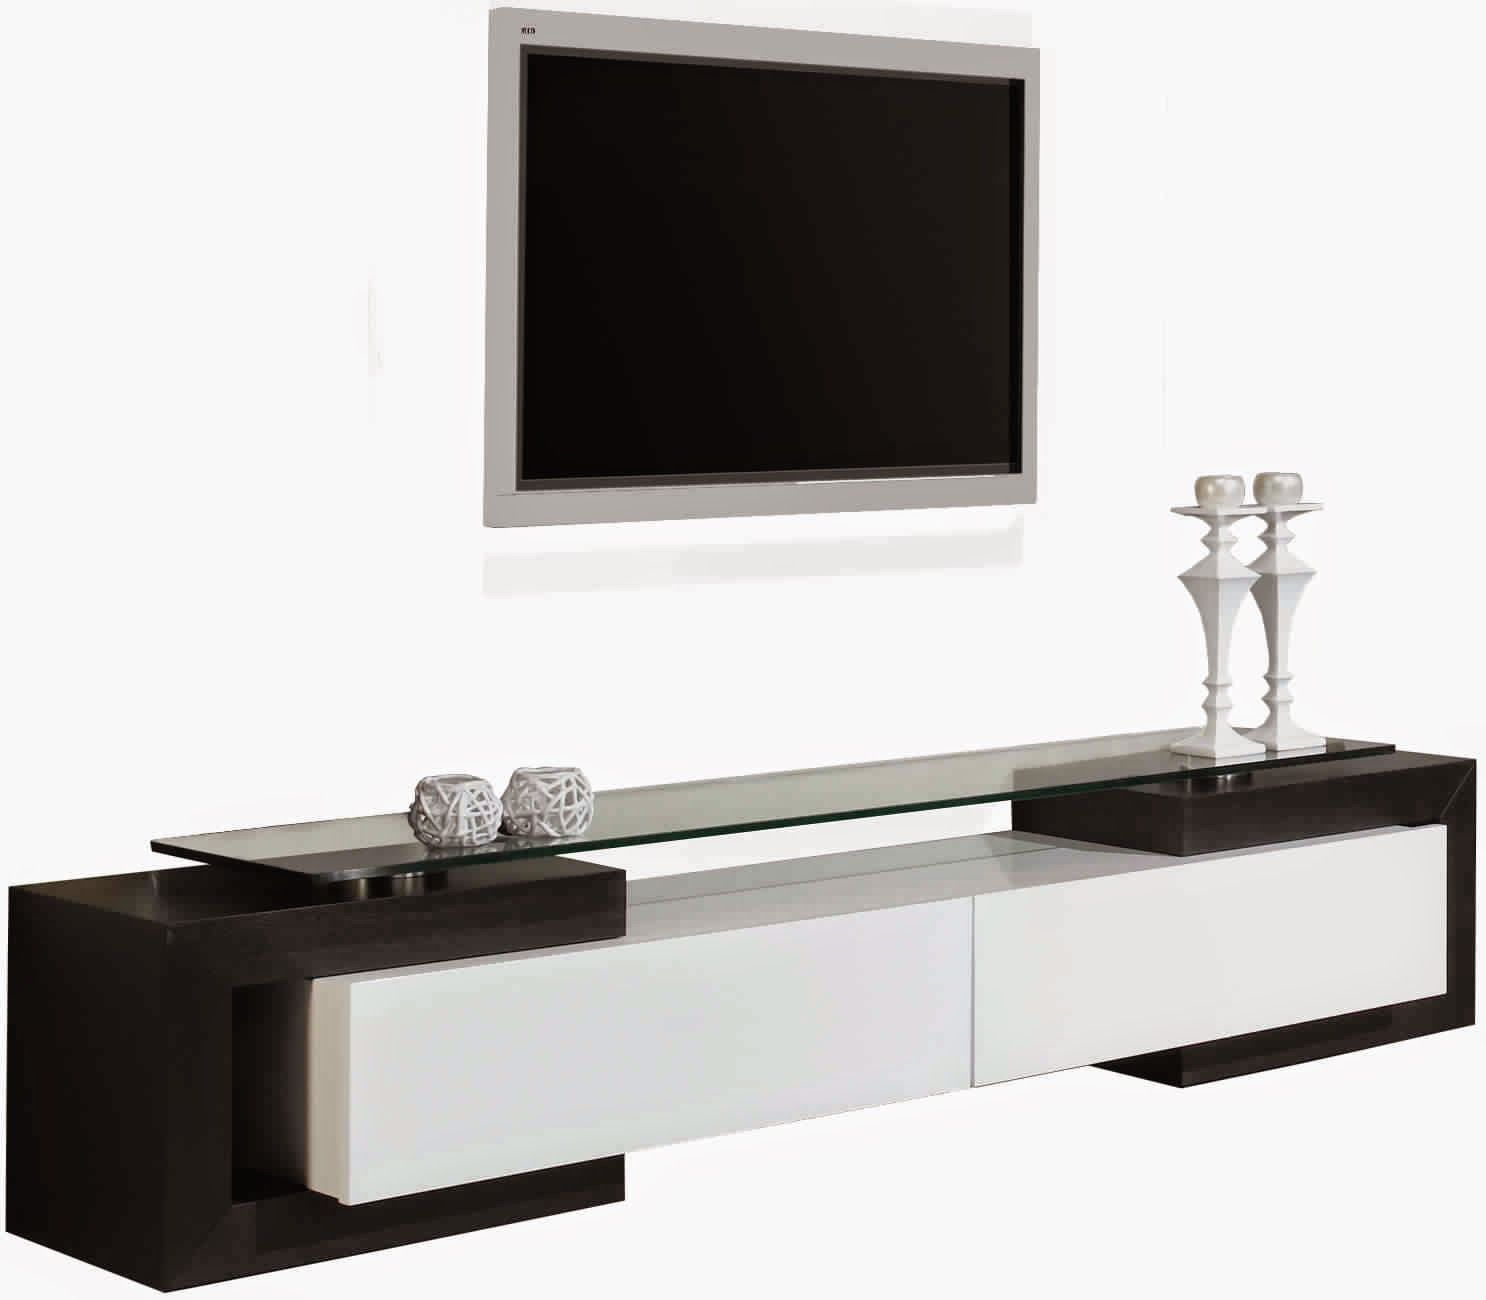 Beau Meuble Tv Noir Blanc D Coration Fran Aise Pinterest  # Meuble Tv Bois Blanc Pas Cher